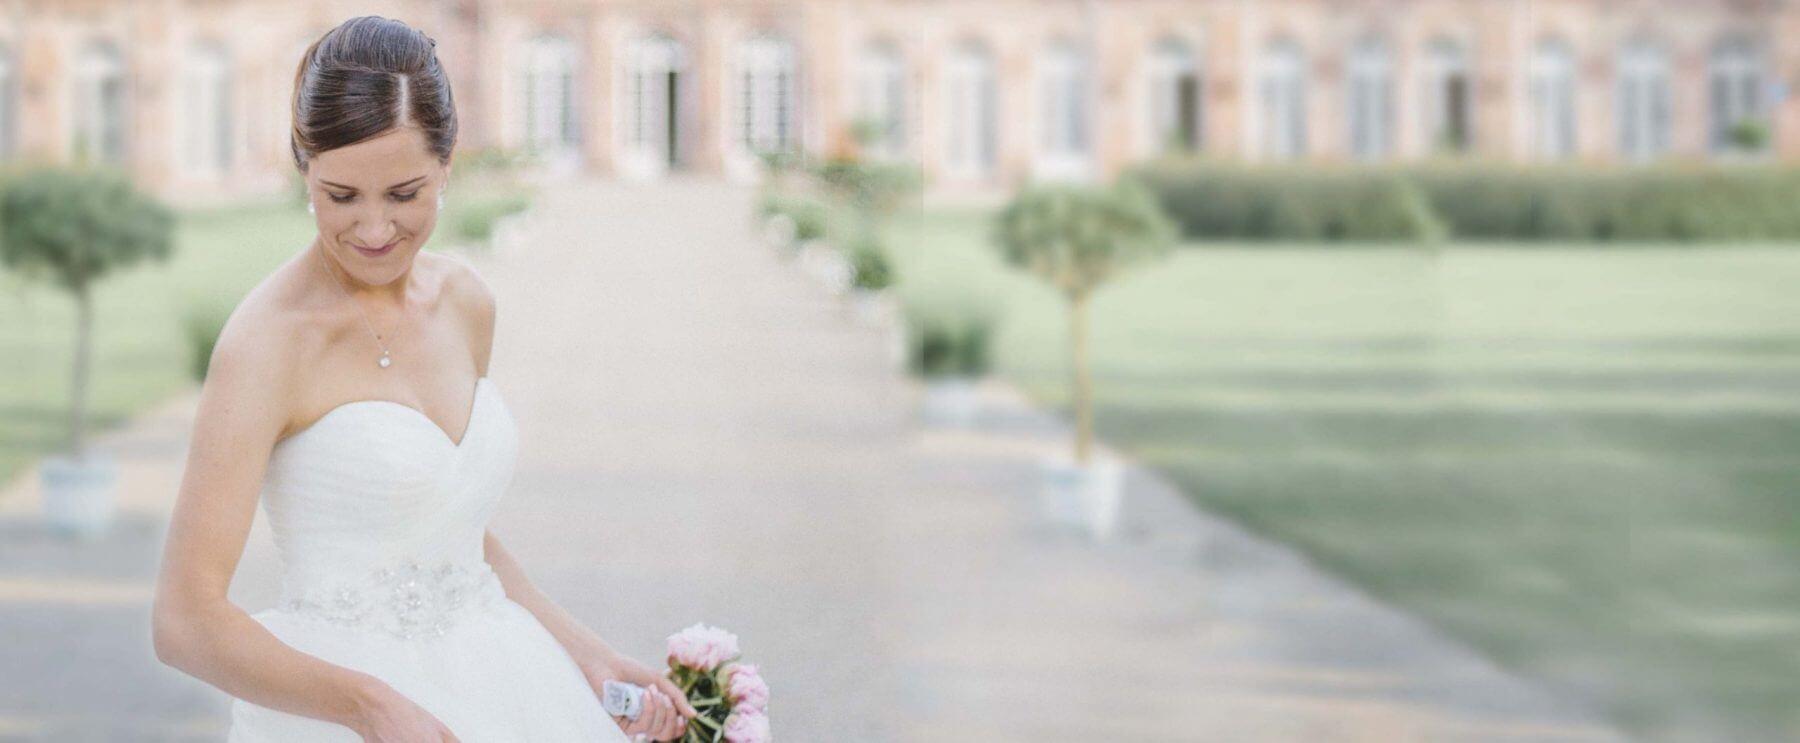 Hochzeitsfotograf München Sindia Boldt Schlosshochzeit 4